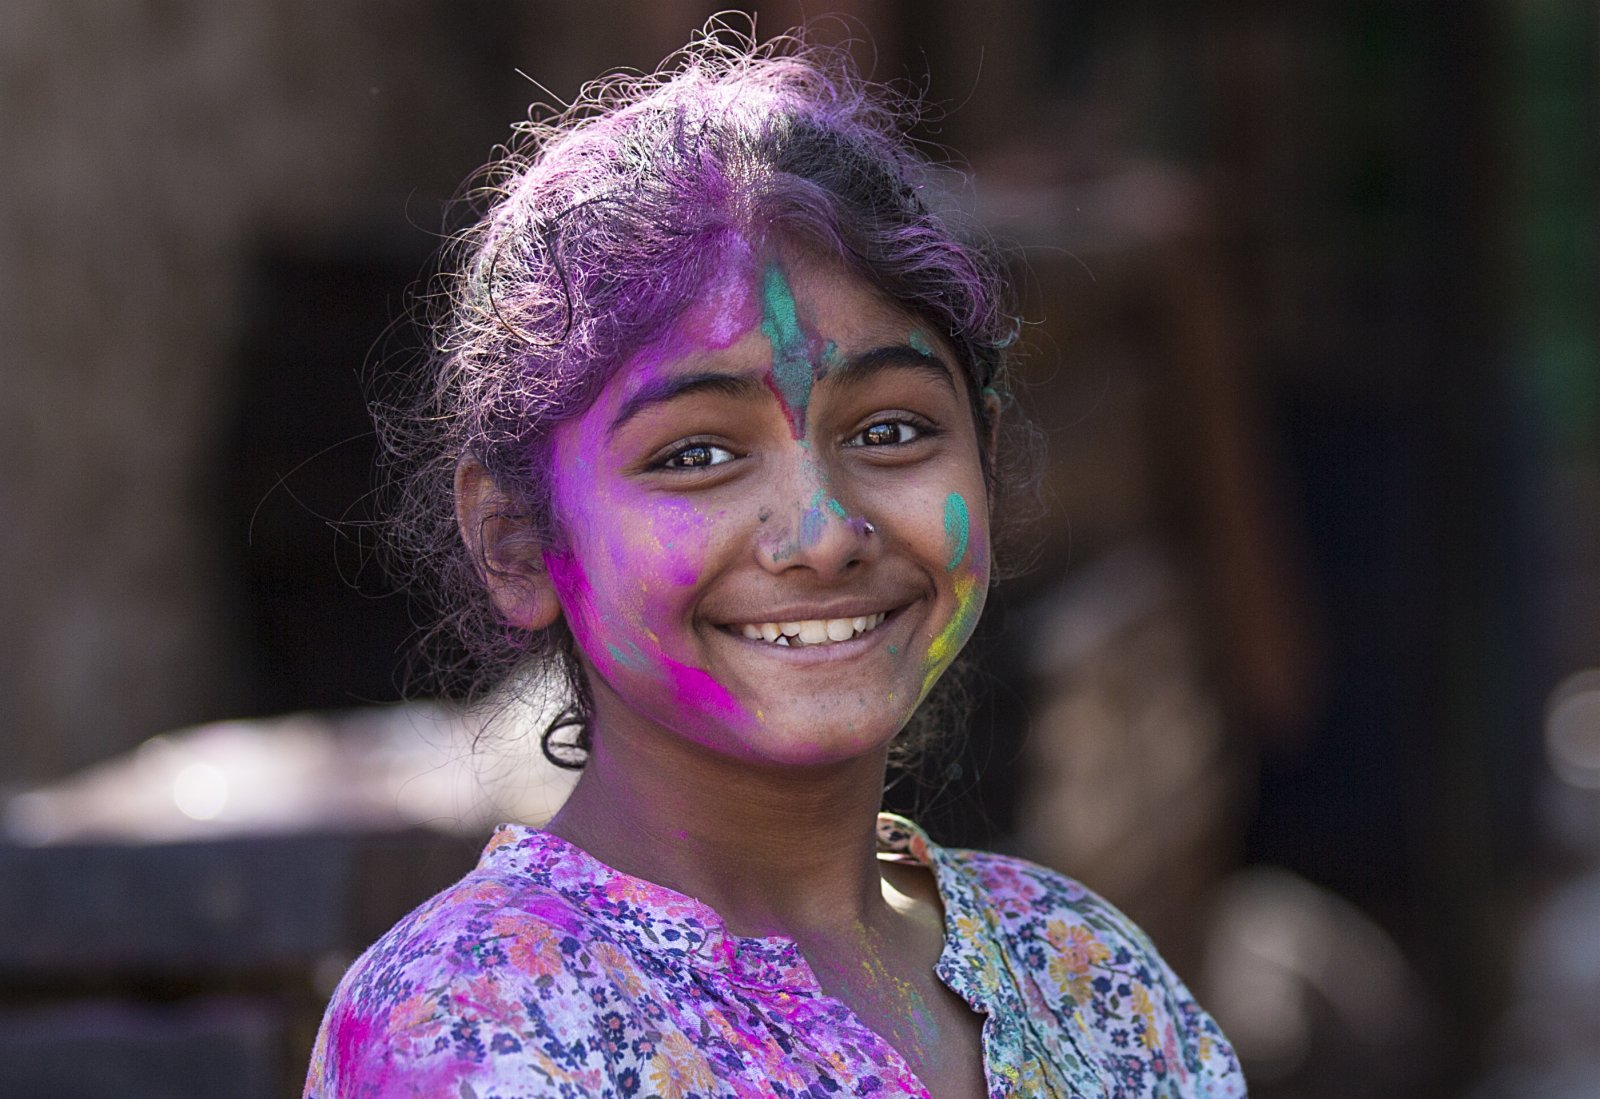 3月10日,在印度新德里,一名女孩參加灑紅節慶祝活動。(新華社)